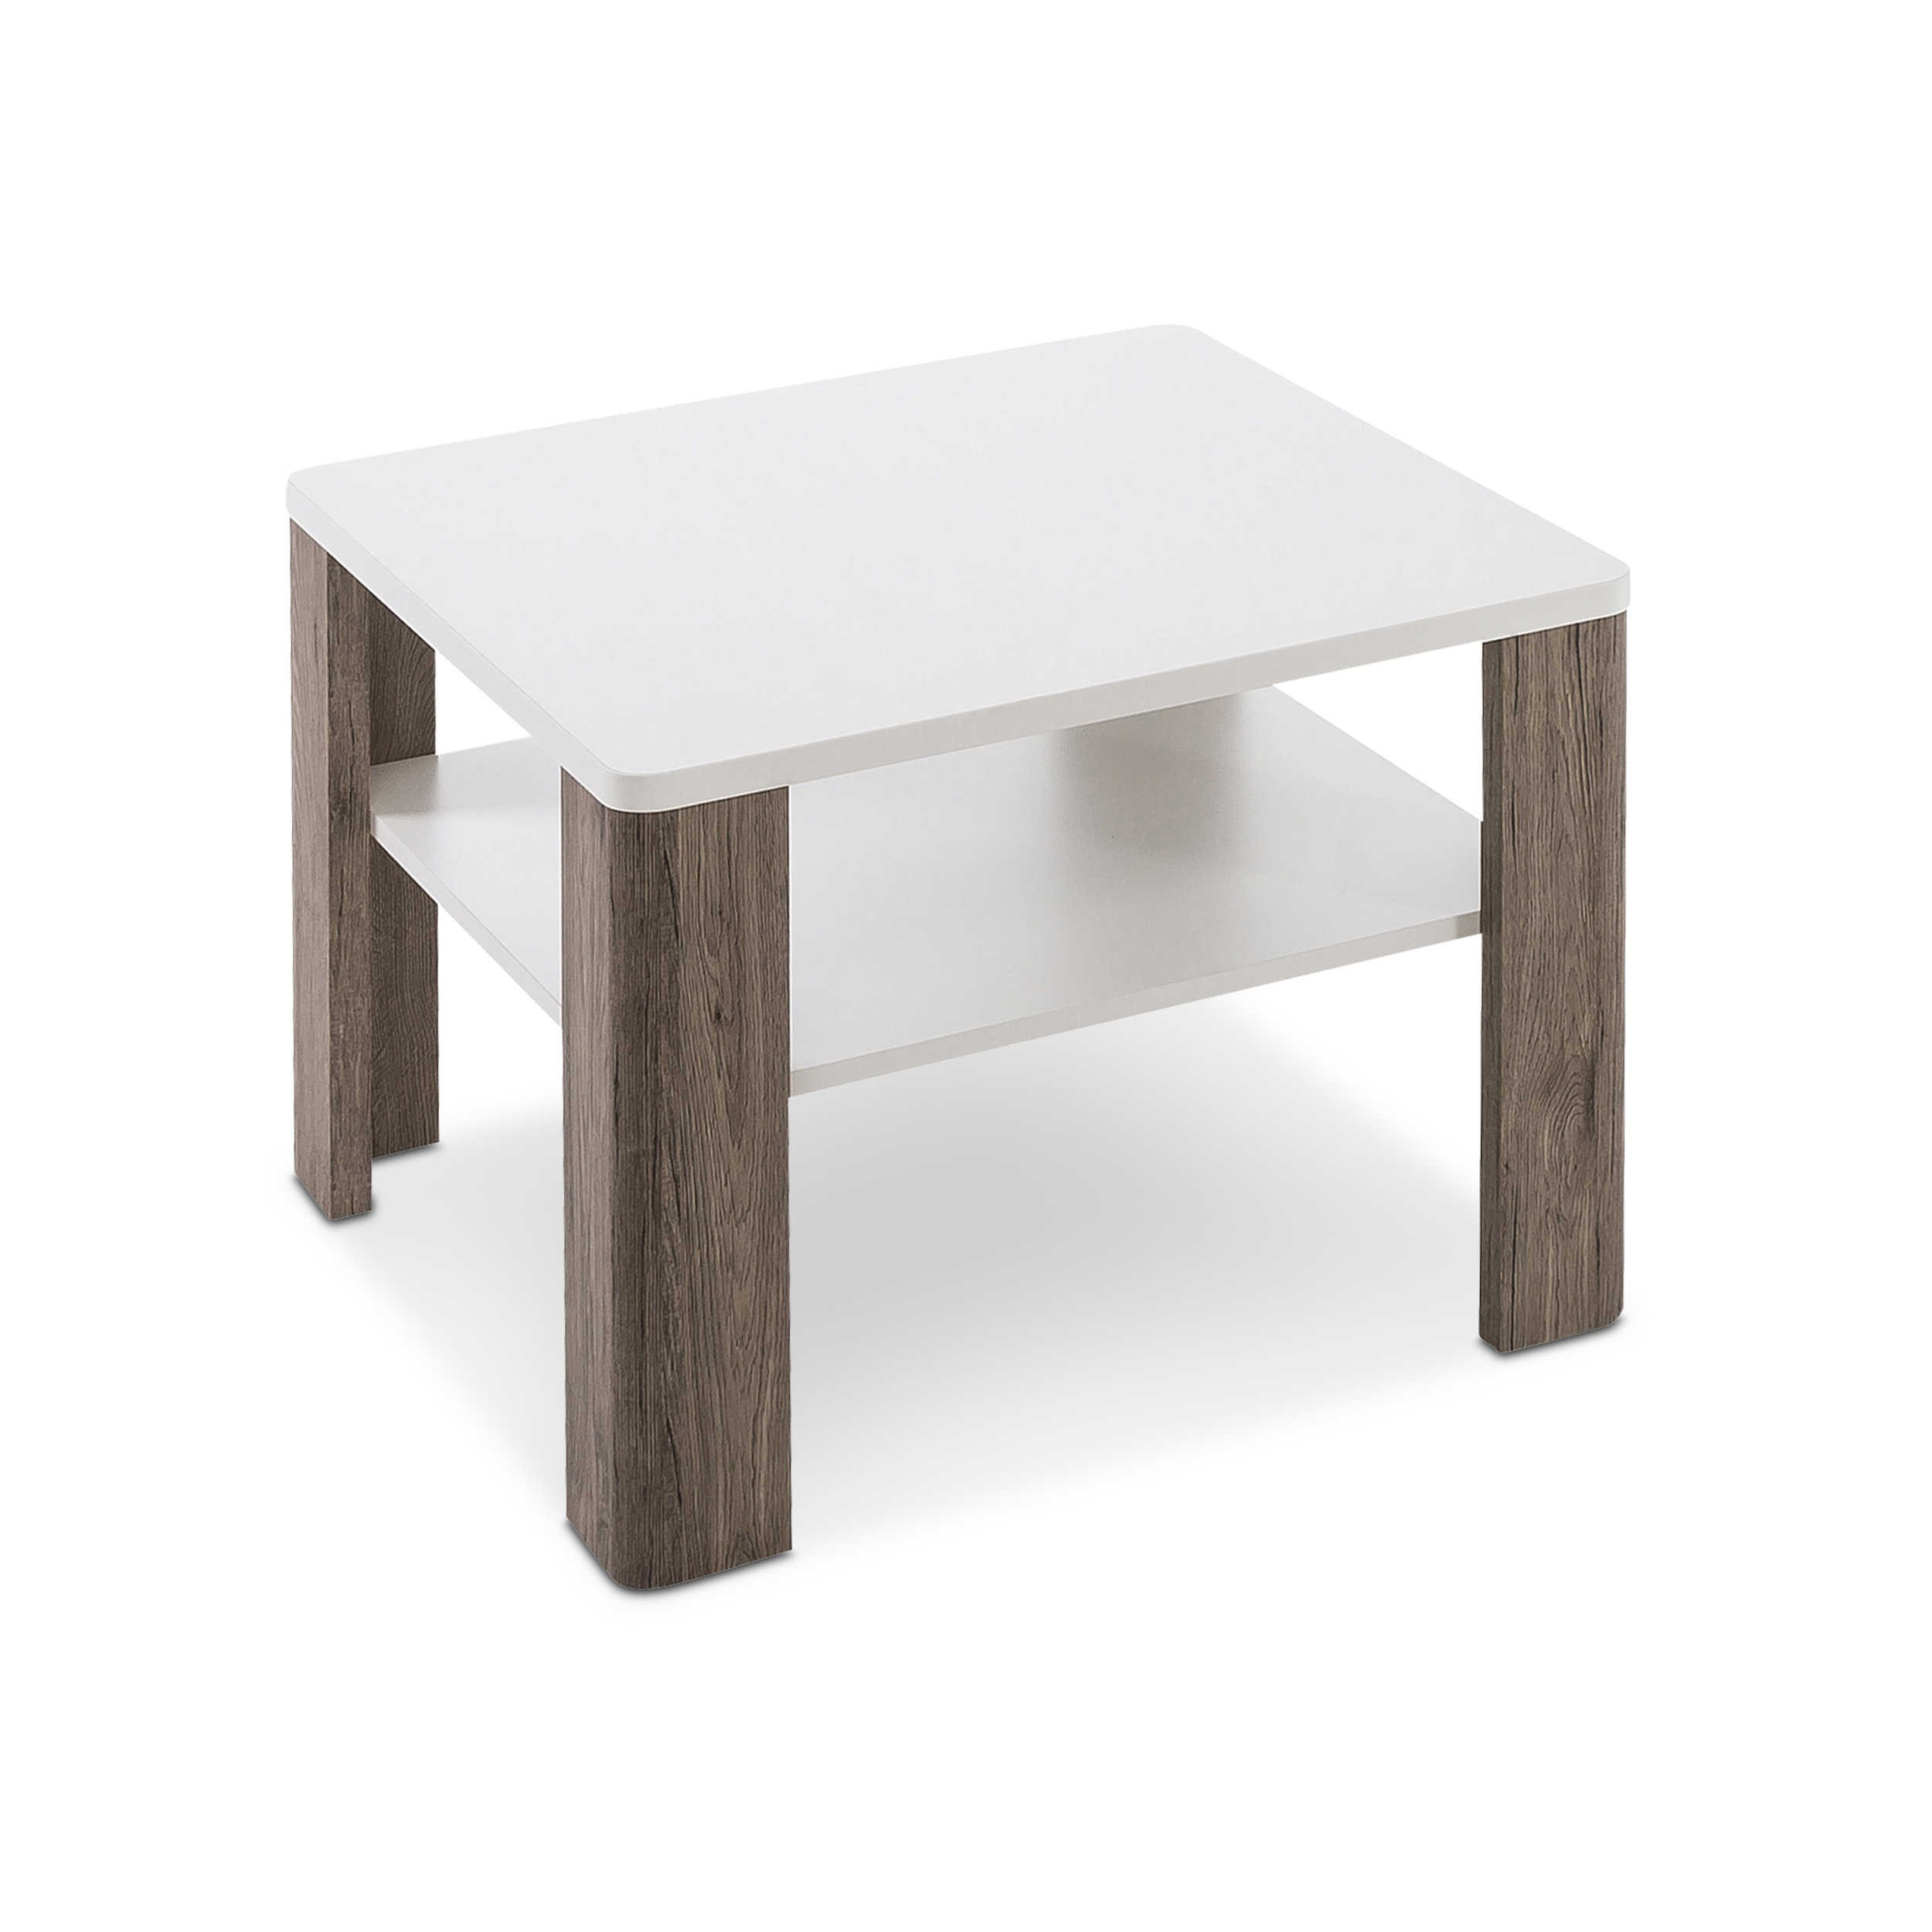 couchtisch milano wei lack hochglanz online kaufen bei woonio. Black Bedroom Furniture Sets. Home Design Ideas